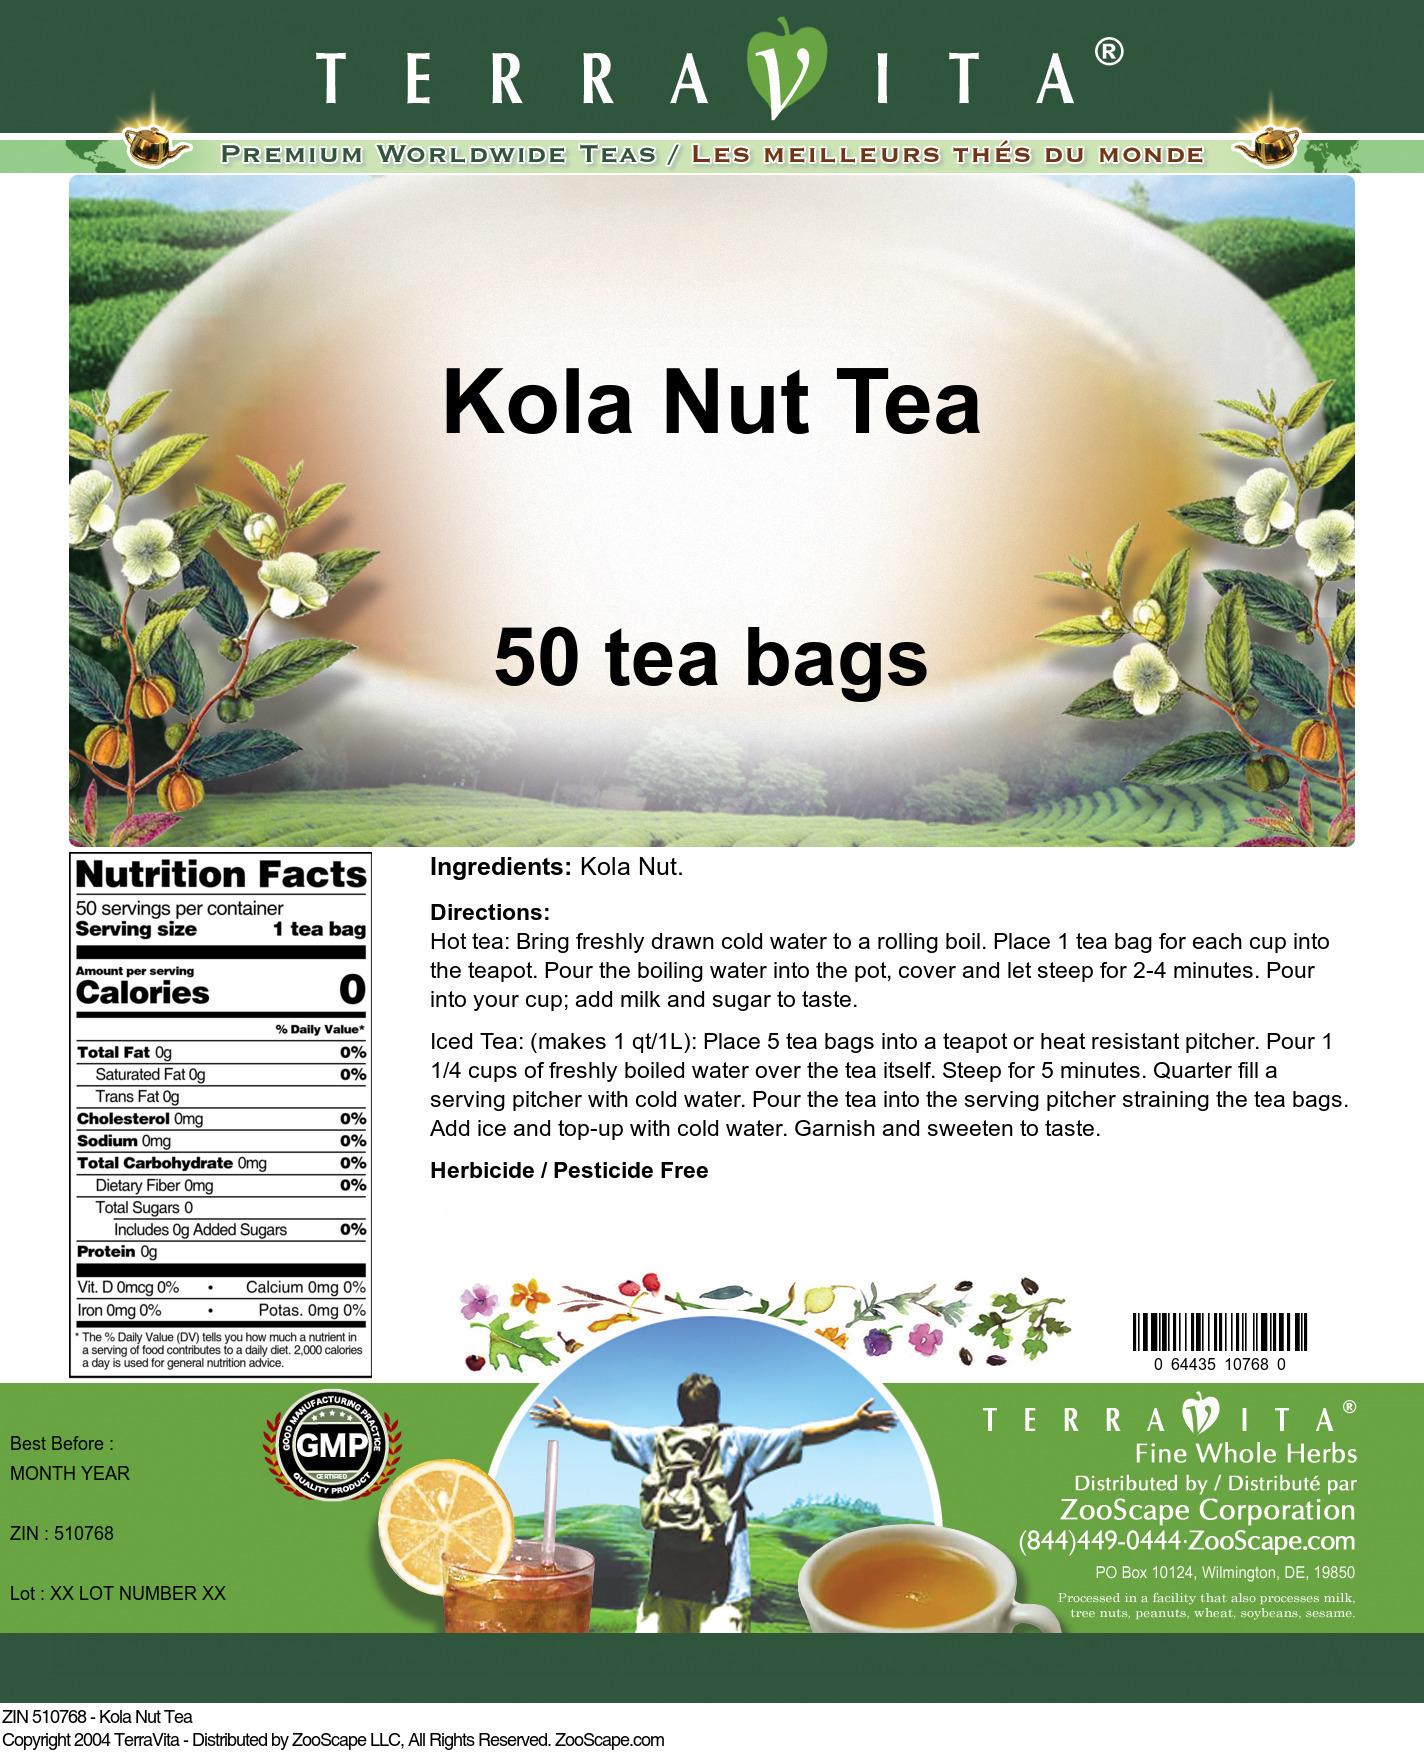 Kola Nut Tea